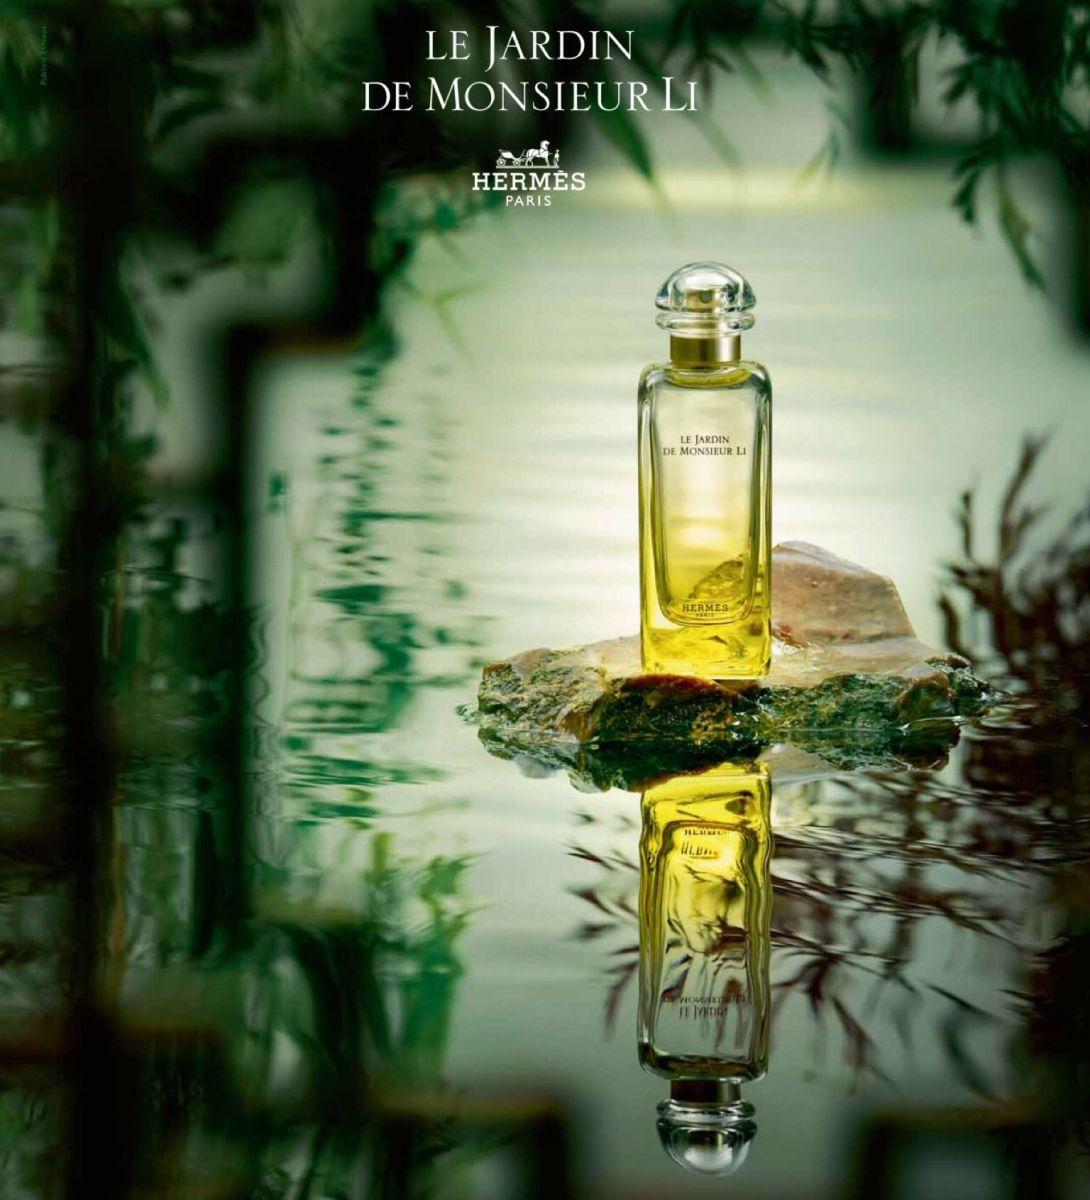 بررسی، مشاهده قیمت و خرید عطر (ادکلن) هرمس له جاقدن د موسیو لی Hermes Le Jardin de Monsieur Li اصل